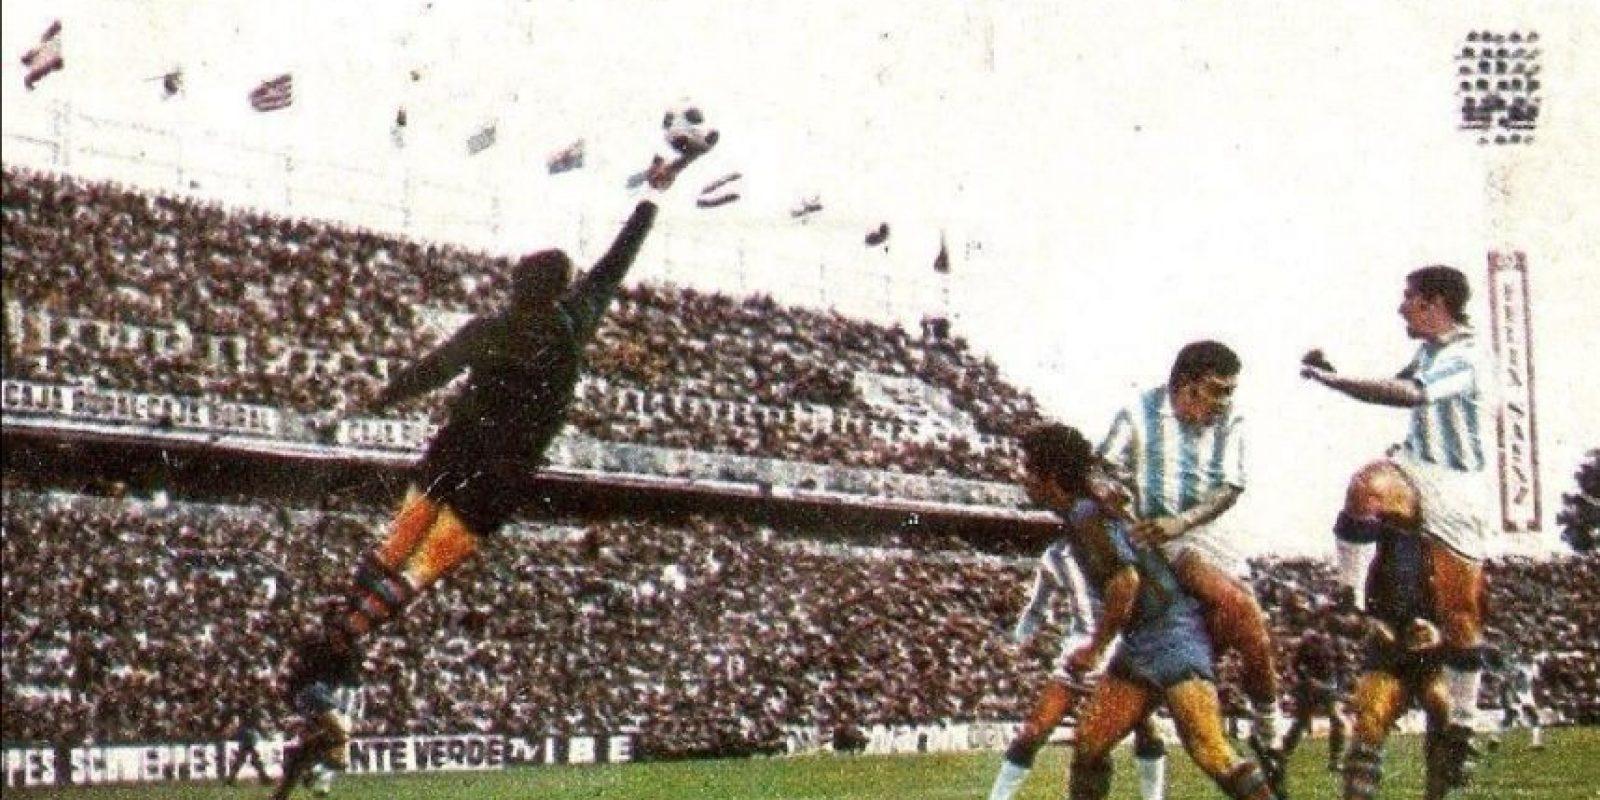 Miguel Reina (Córdoba, Barcelona y Atlético de Madrid, 1964-1980) es sexto Foto:Twitter